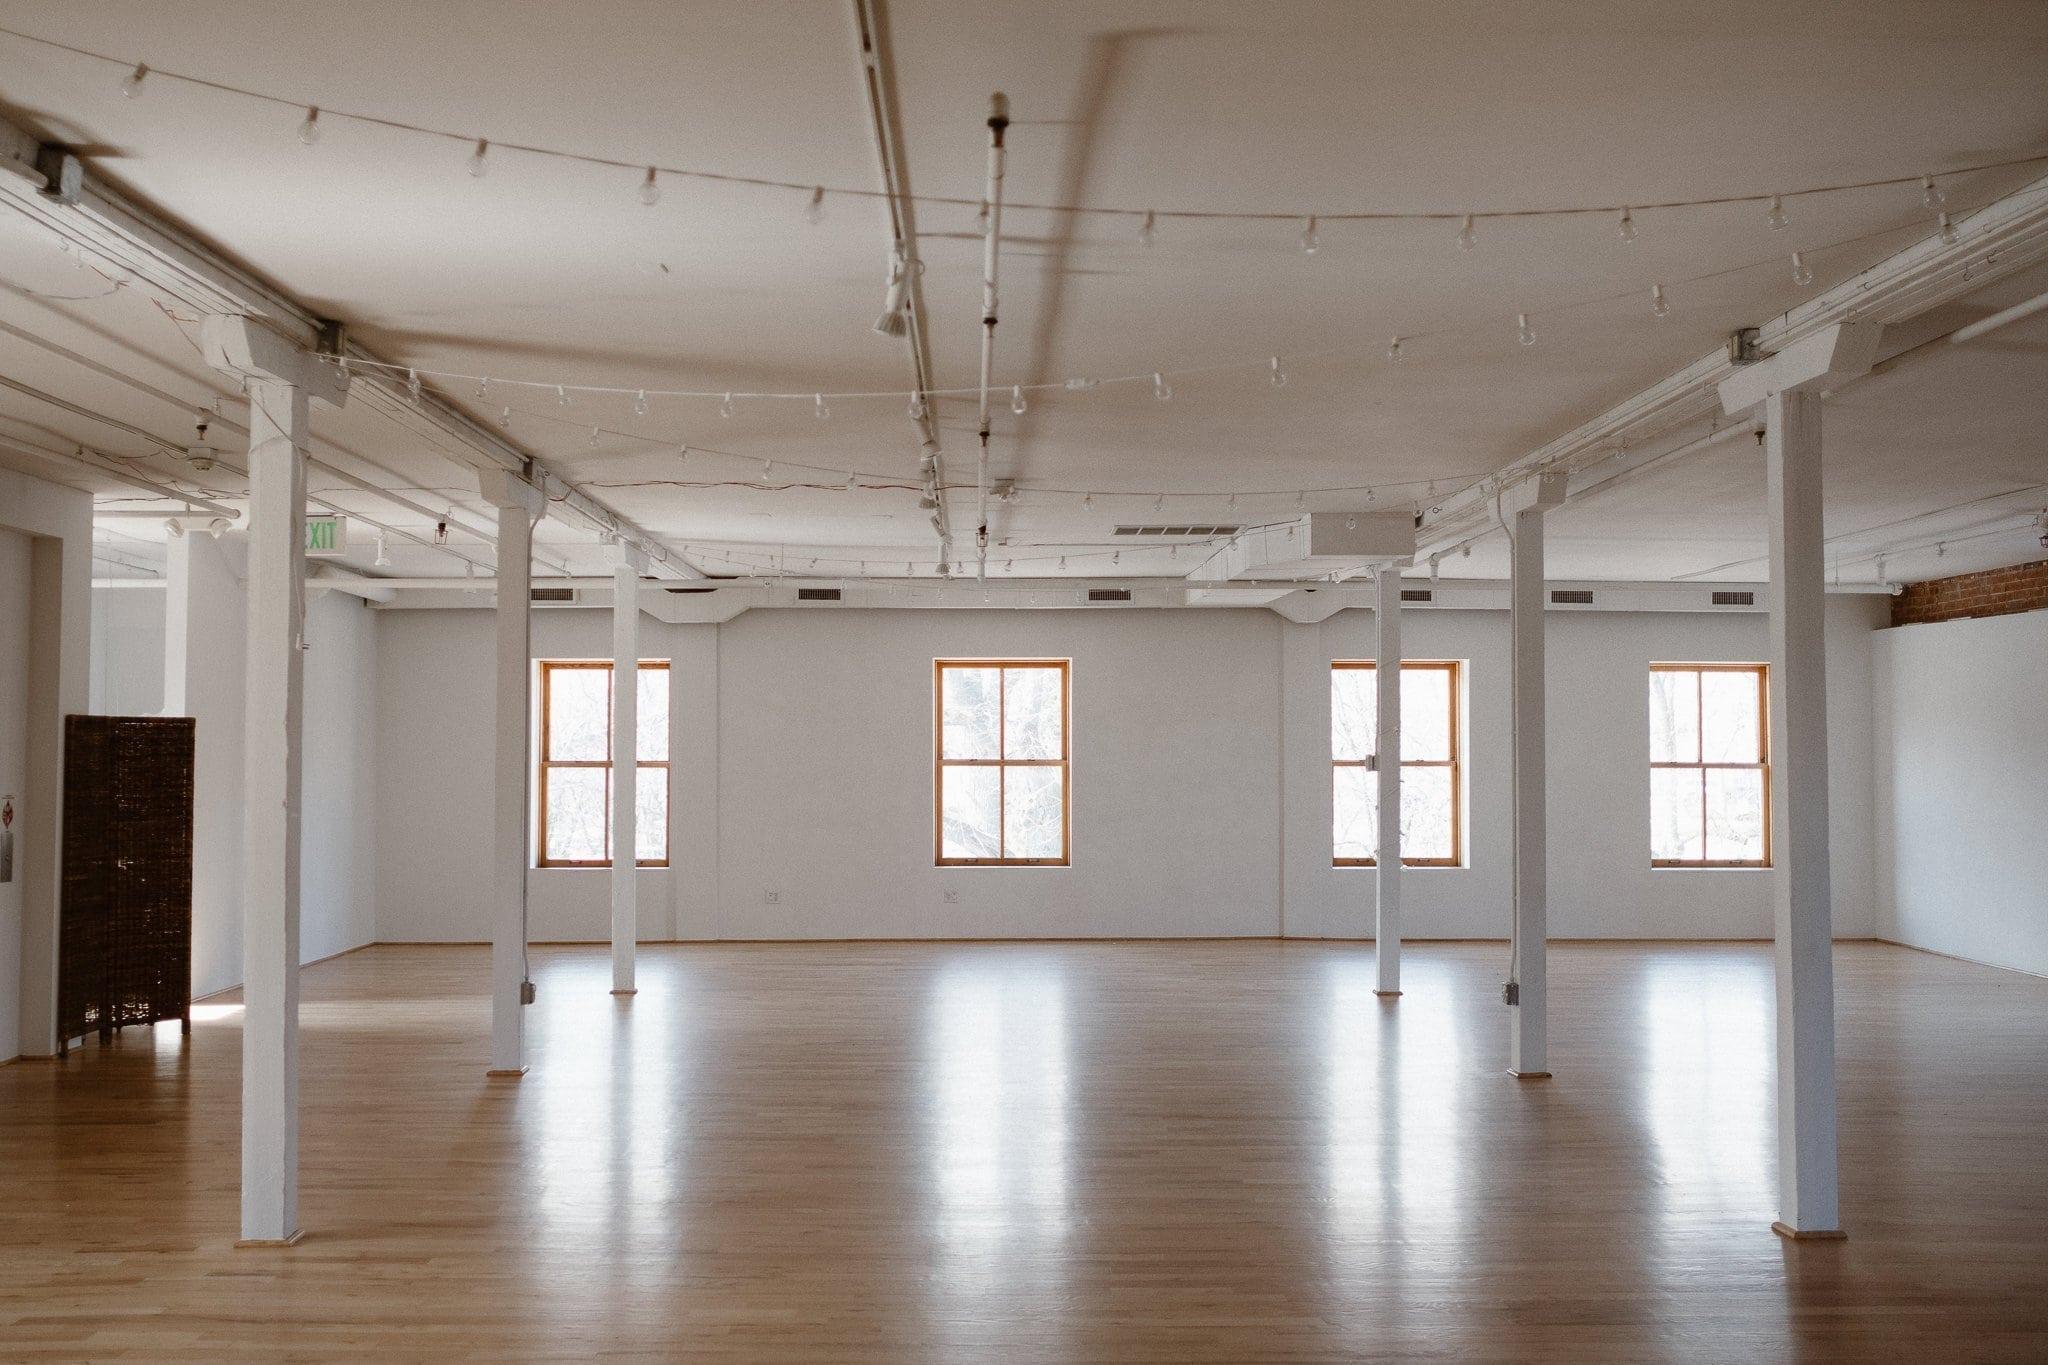 Boulder Museum of Contemporary Art wedding venue, modern wedding venue in Colorado